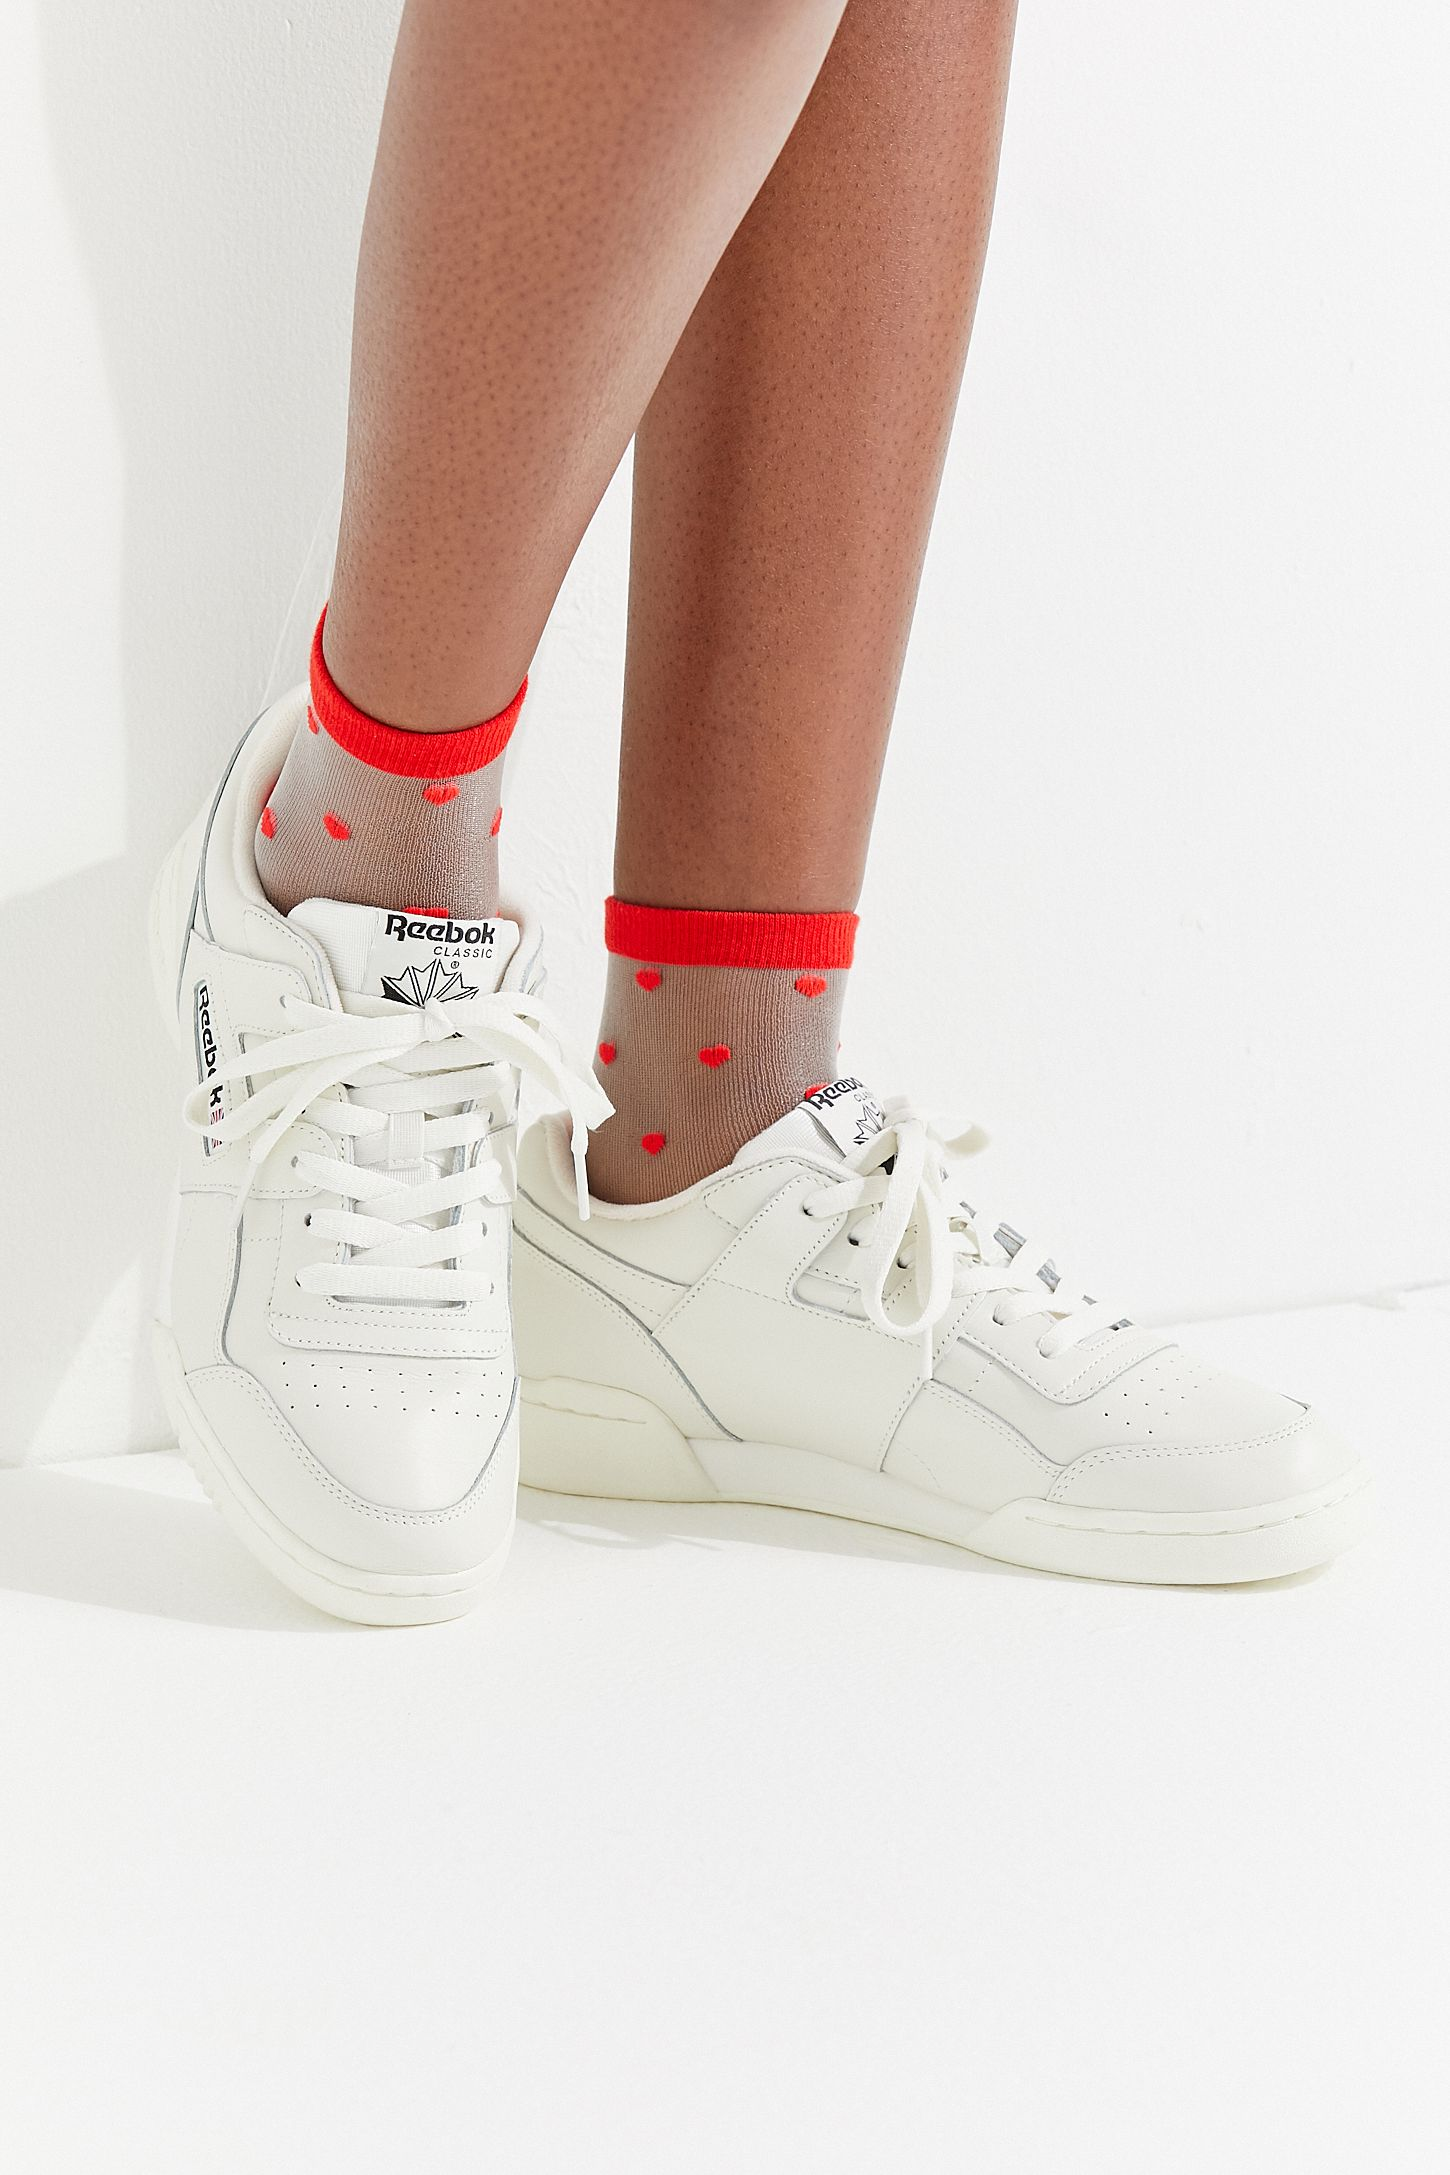 50dab4135f57b Reebok Workout Plus MCC Sneaker